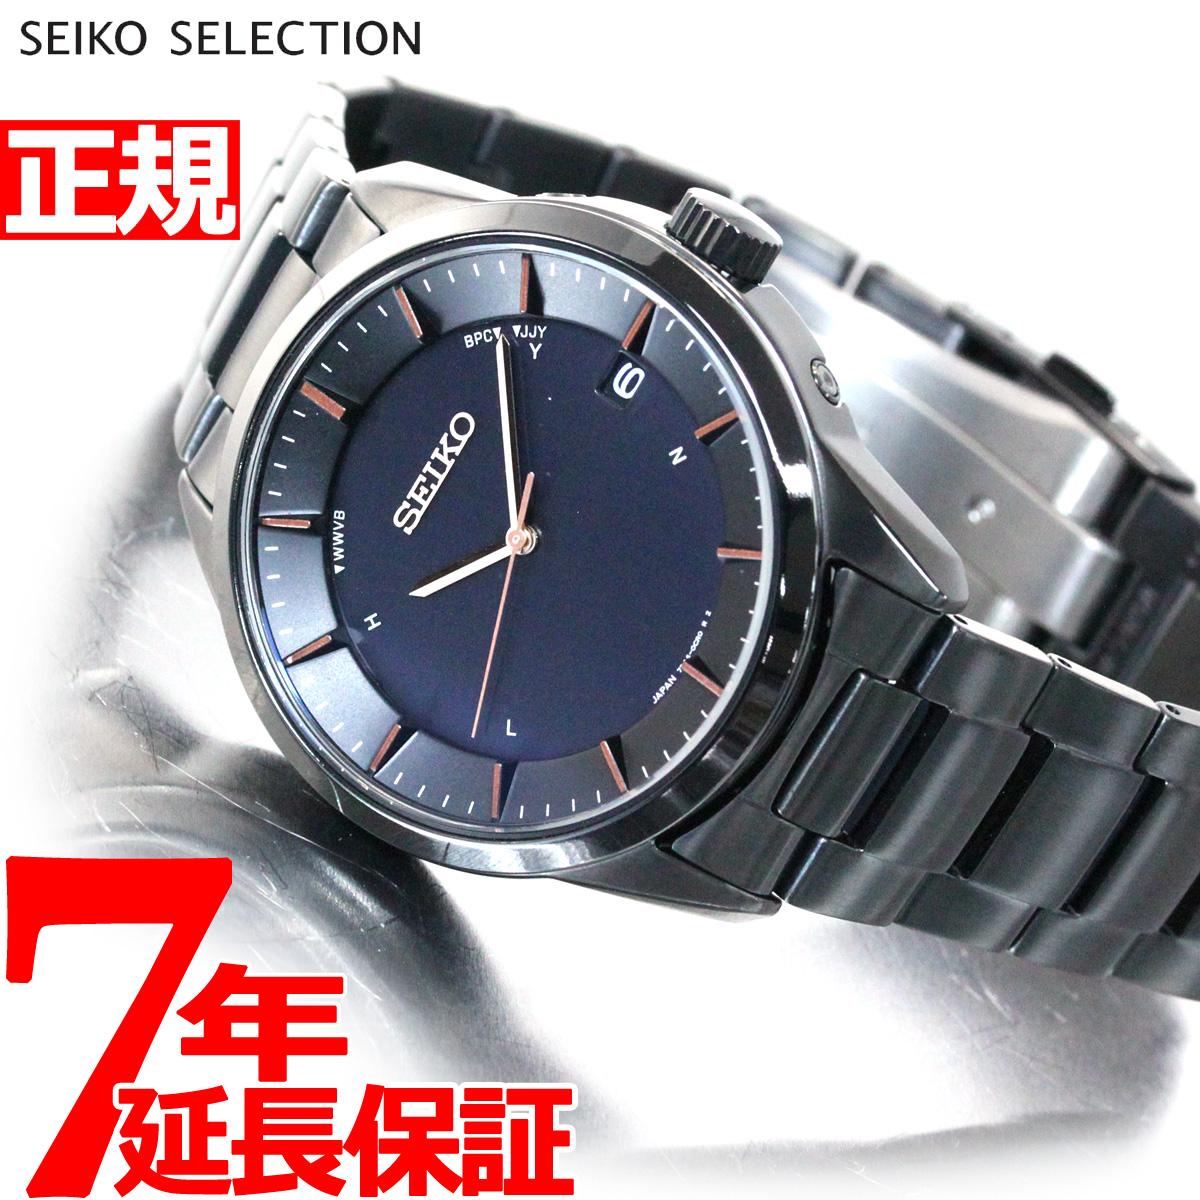 【5日0時~♪2000円OFFクーポン&店内ポイント最大51倍!5日23時59分まで】セイコー セレクション SEIKO SELECTION 電波 ソーラー ネット流通限定モデル 腕時計 メンズ SBTM277